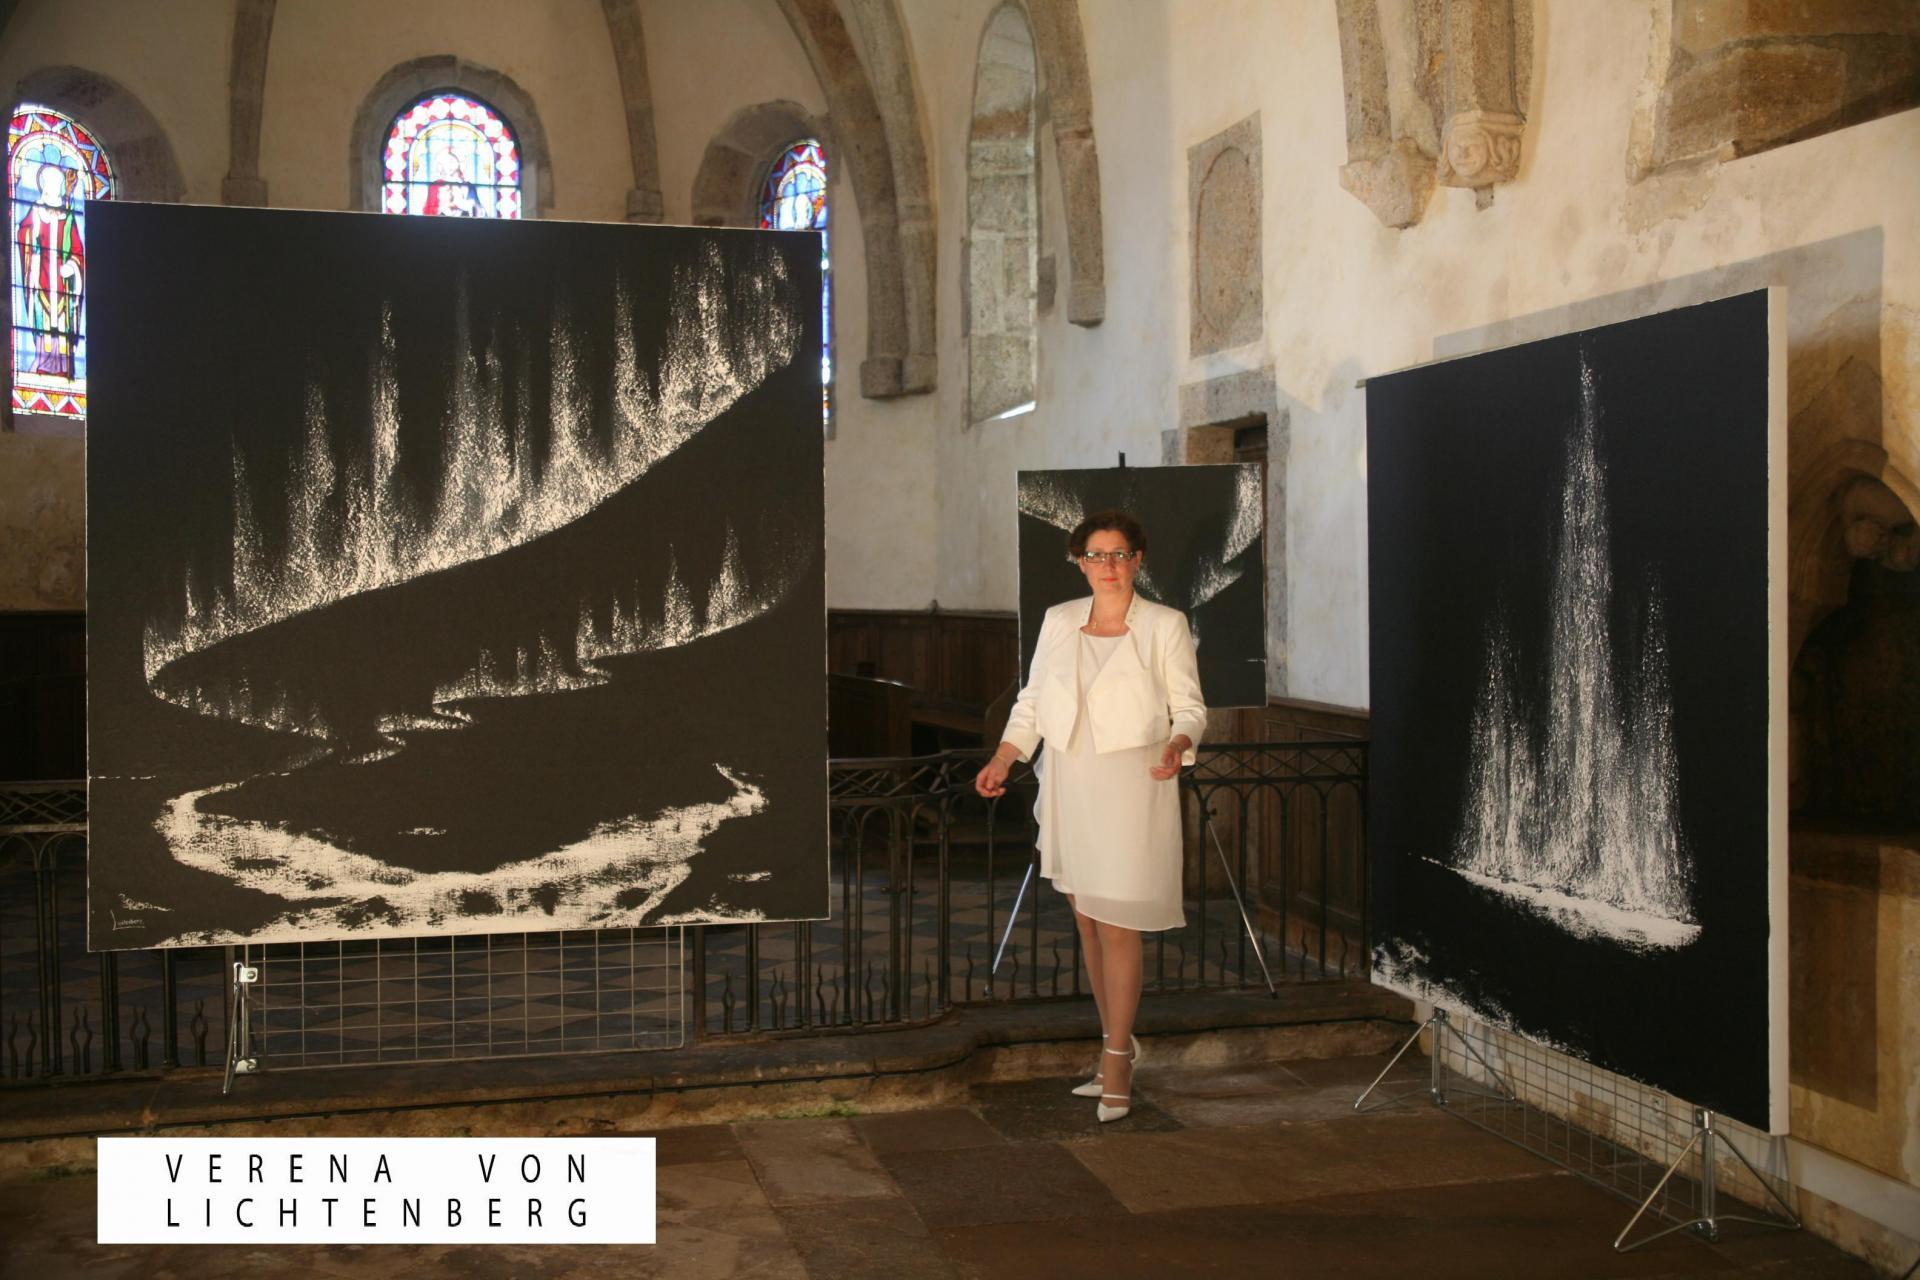 In der bourgogne die malerin und kunstlerin verena von lichtenberg mit der ausstellung nord licht eingeladen von anne catherine loisier senateur maire